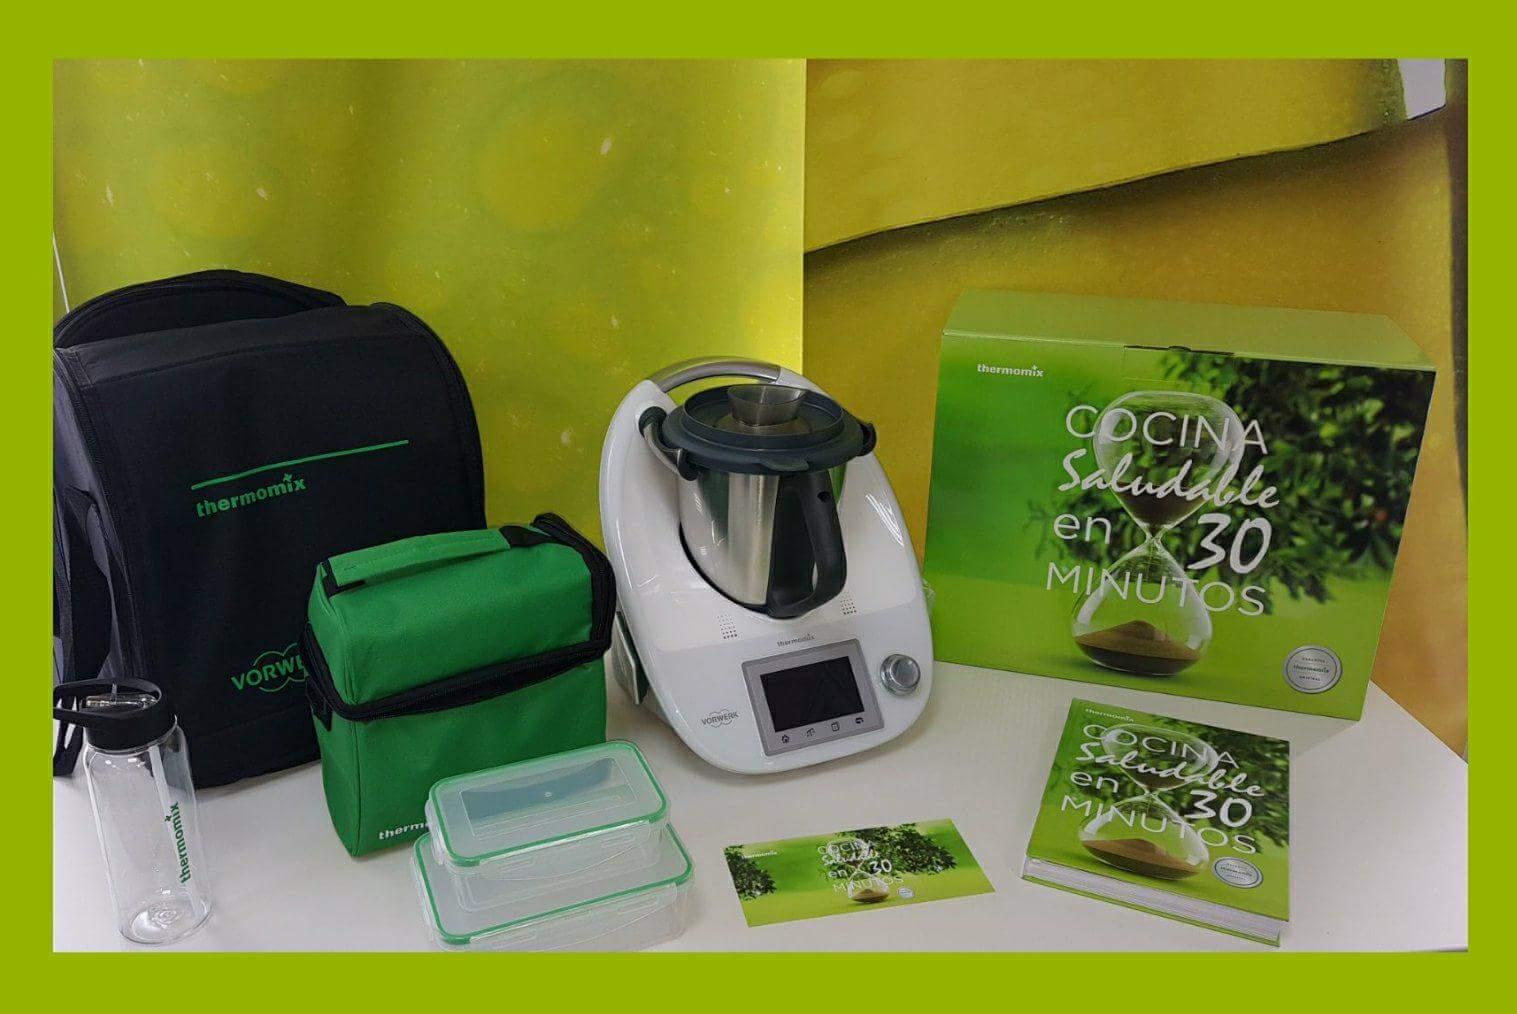 Edici n comida saludable en 30 minutos con 0 interes for Cocina saludable en 30 minutos thermomix